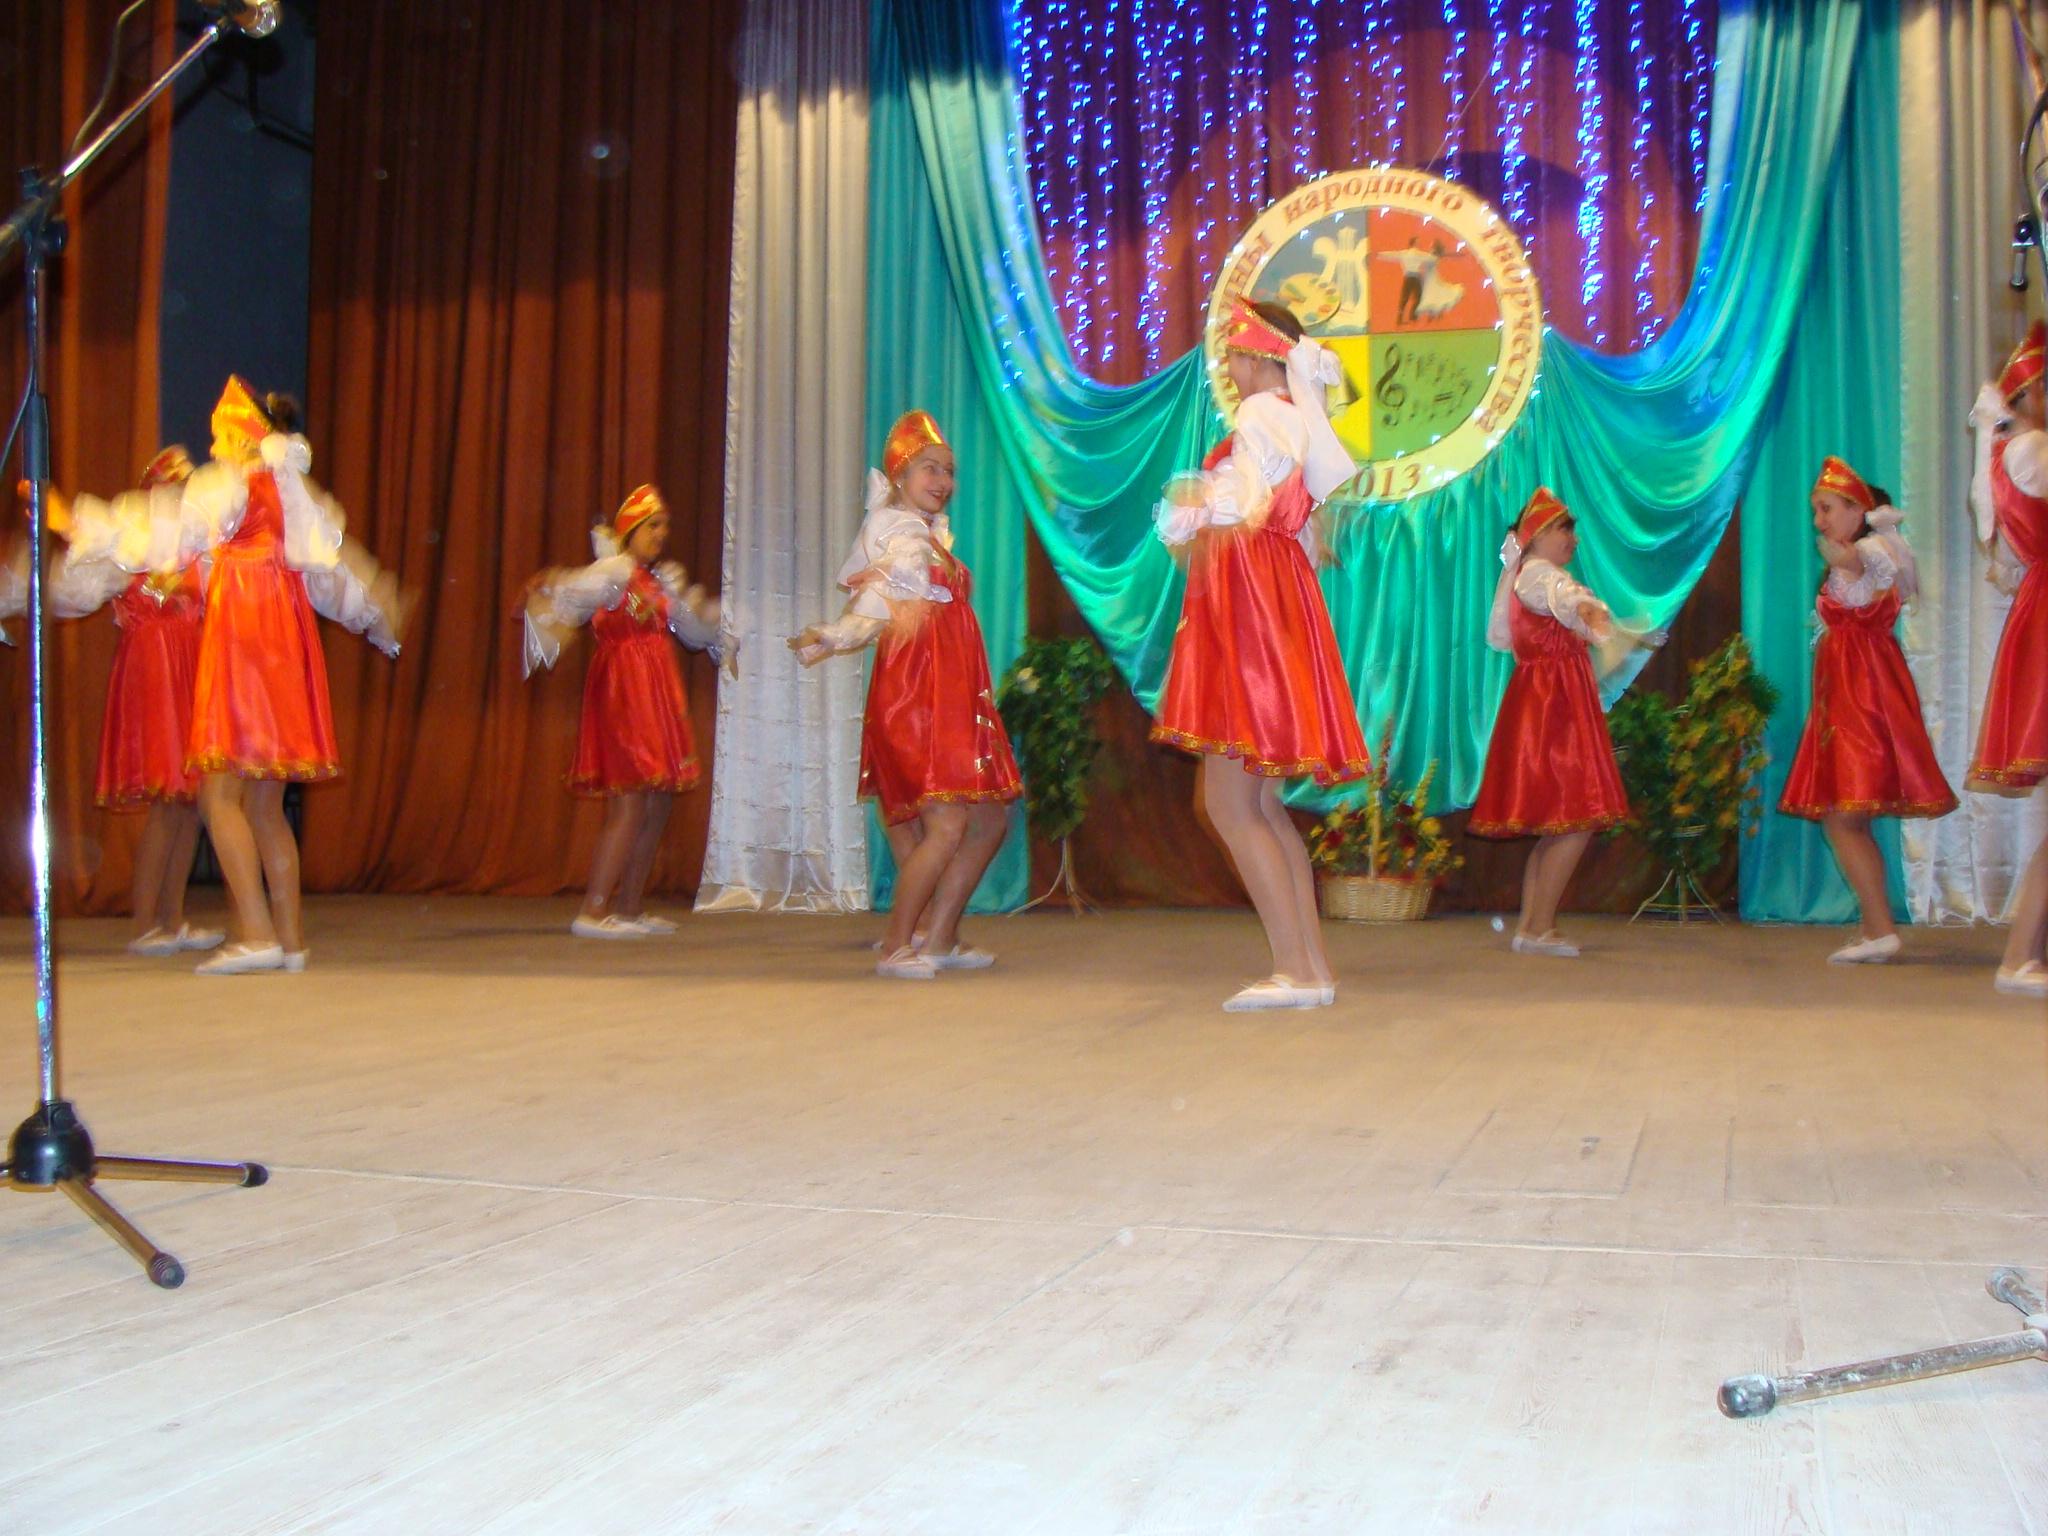 Talanty Saki, Uyutnoe